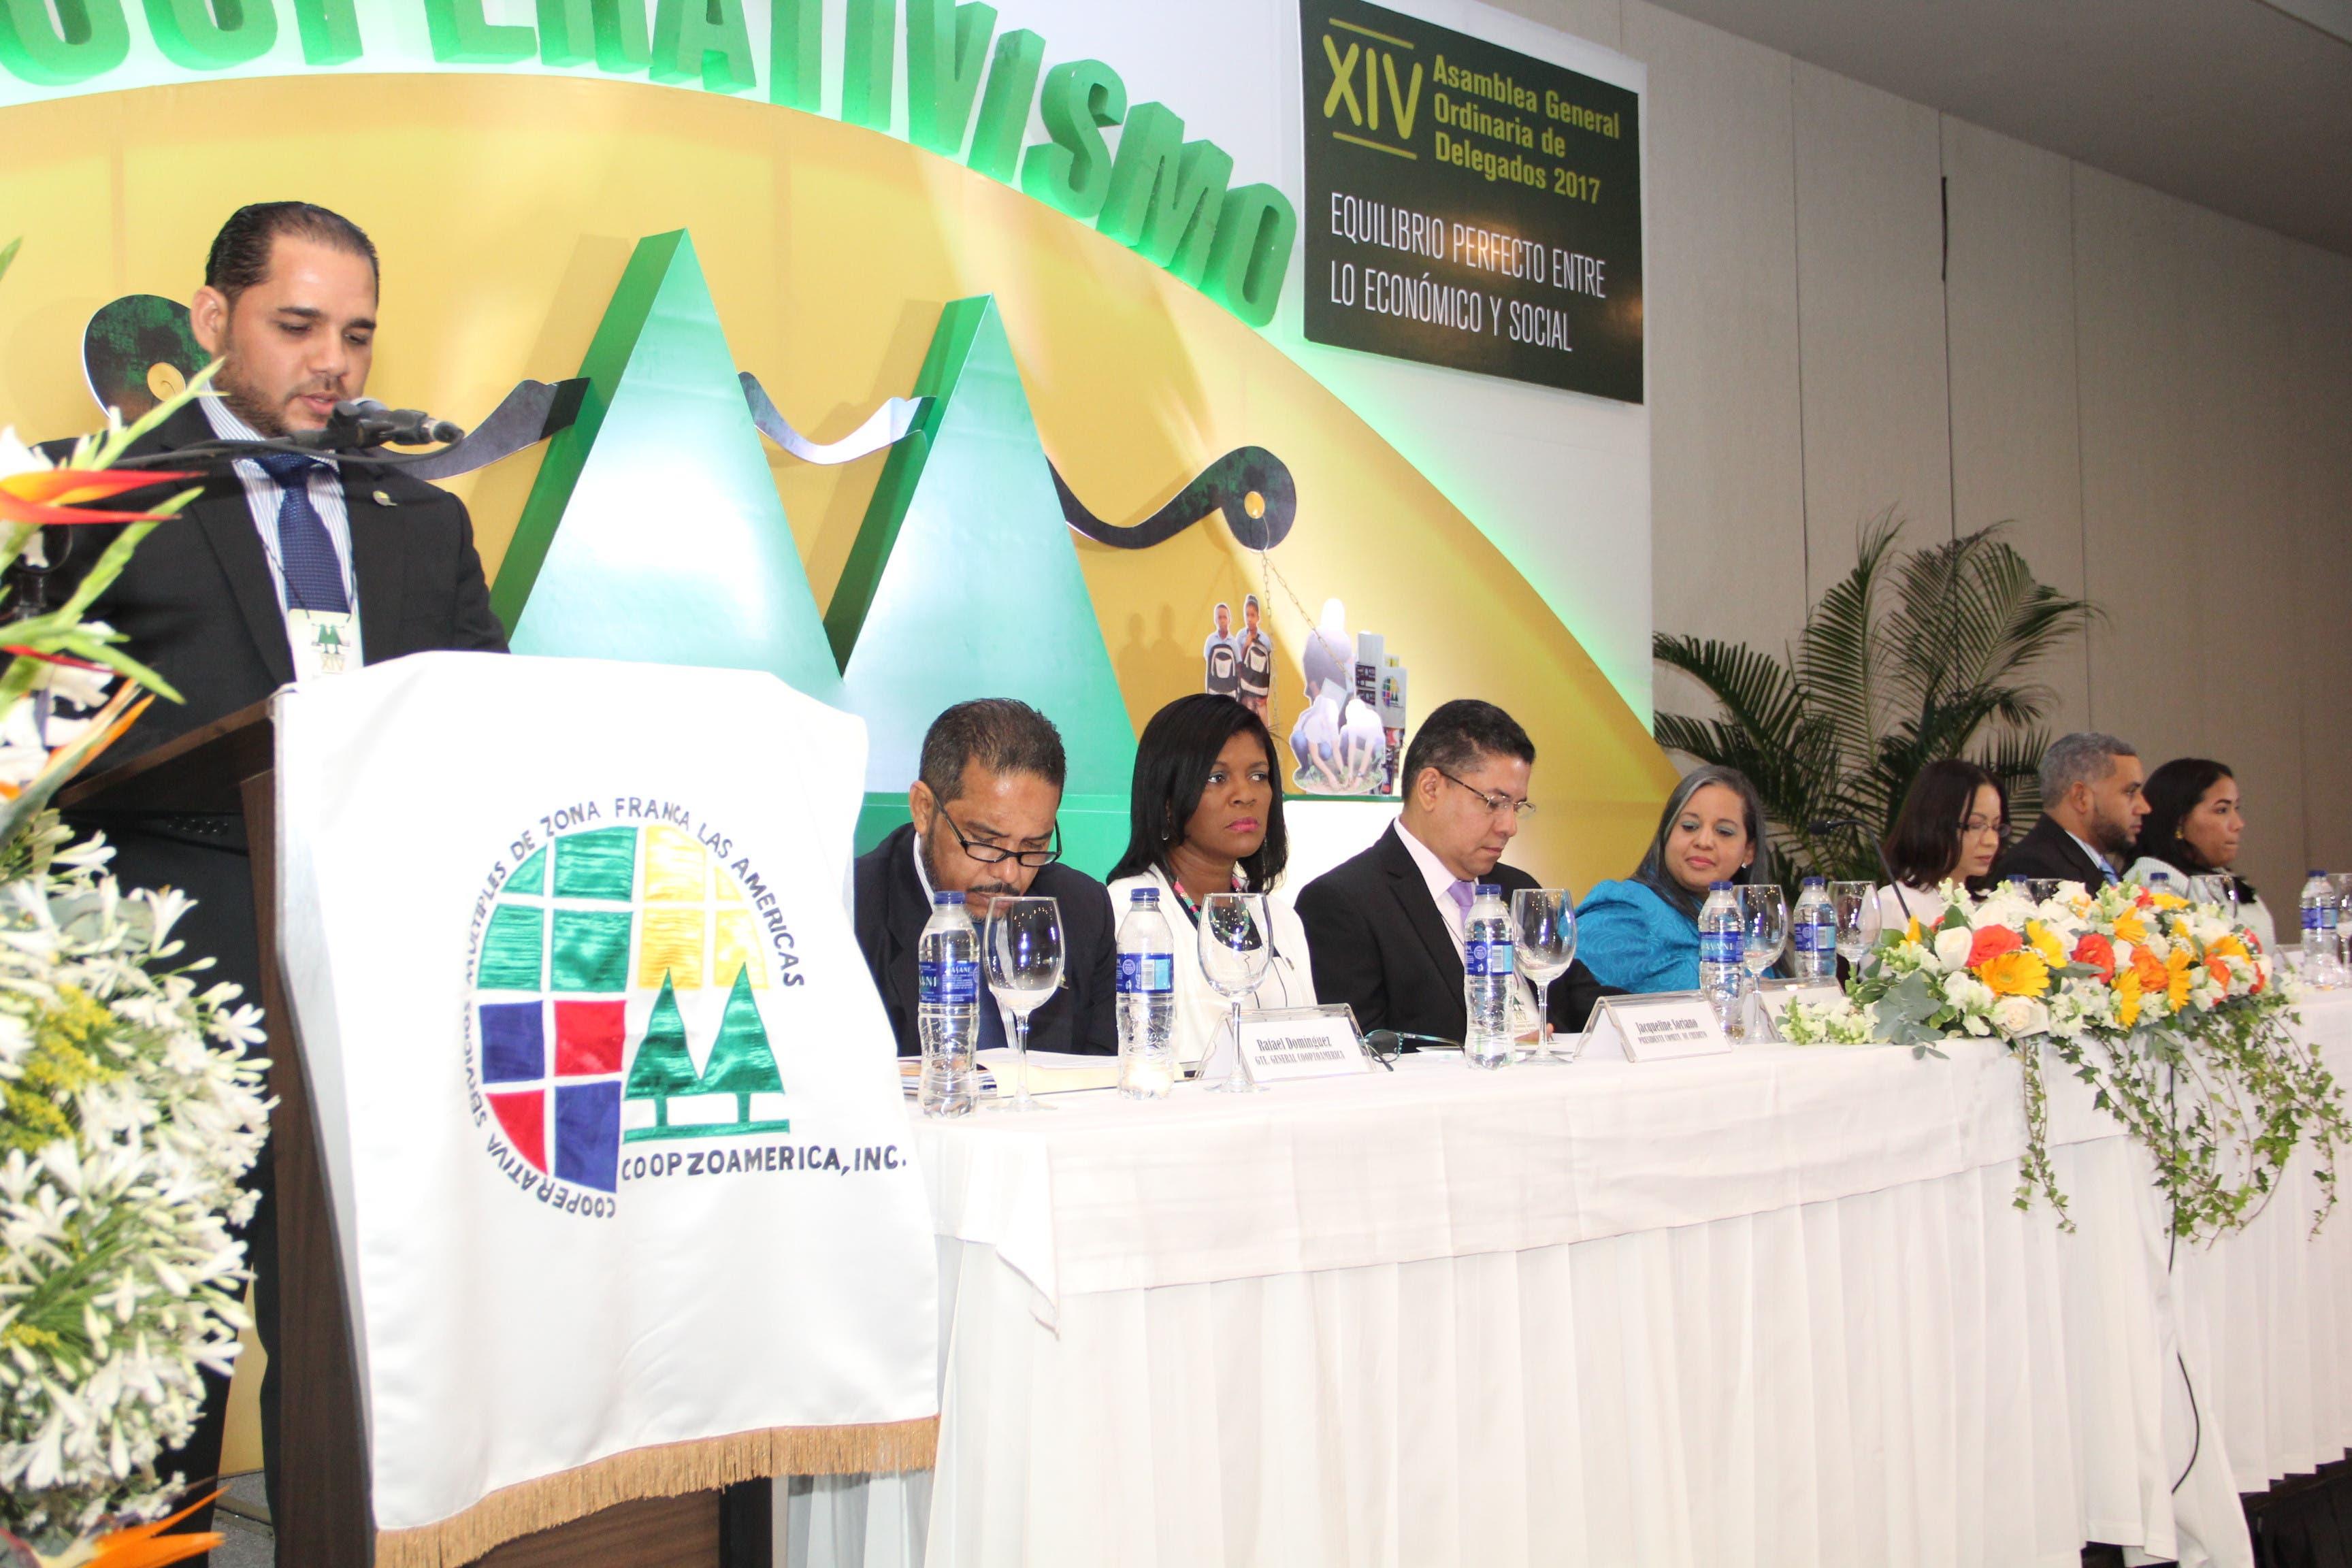 Consejo de Administración de Coopzoamérica durante XIV Asamblea Ordinaria.